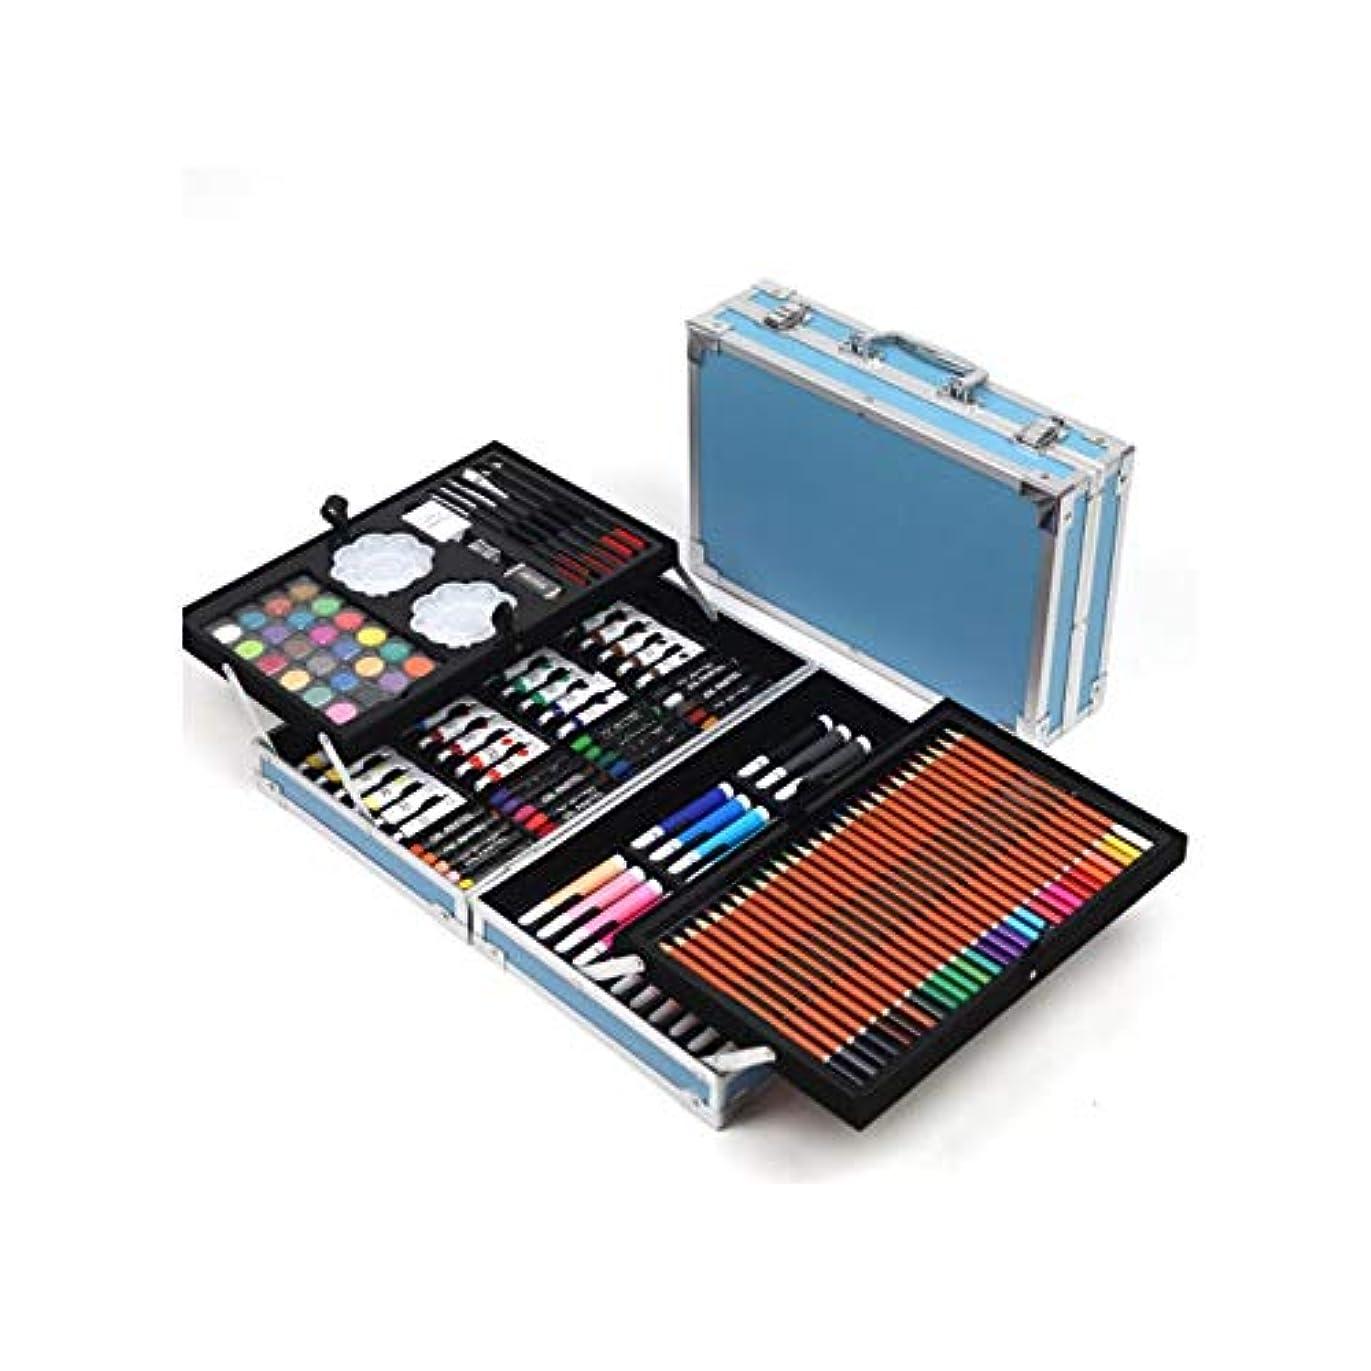 同意剥離作曲するYoushangshipin001 ペイントブラシ、持ち運びが簡単、168セットのペイントセット、ギフトボックスの学生がペイントツールを学ぶ、ペイントペン一式(ピンク/ブルー、168ピース) 斬新で実用的 (Color : Pink, Size : 168 pieces)